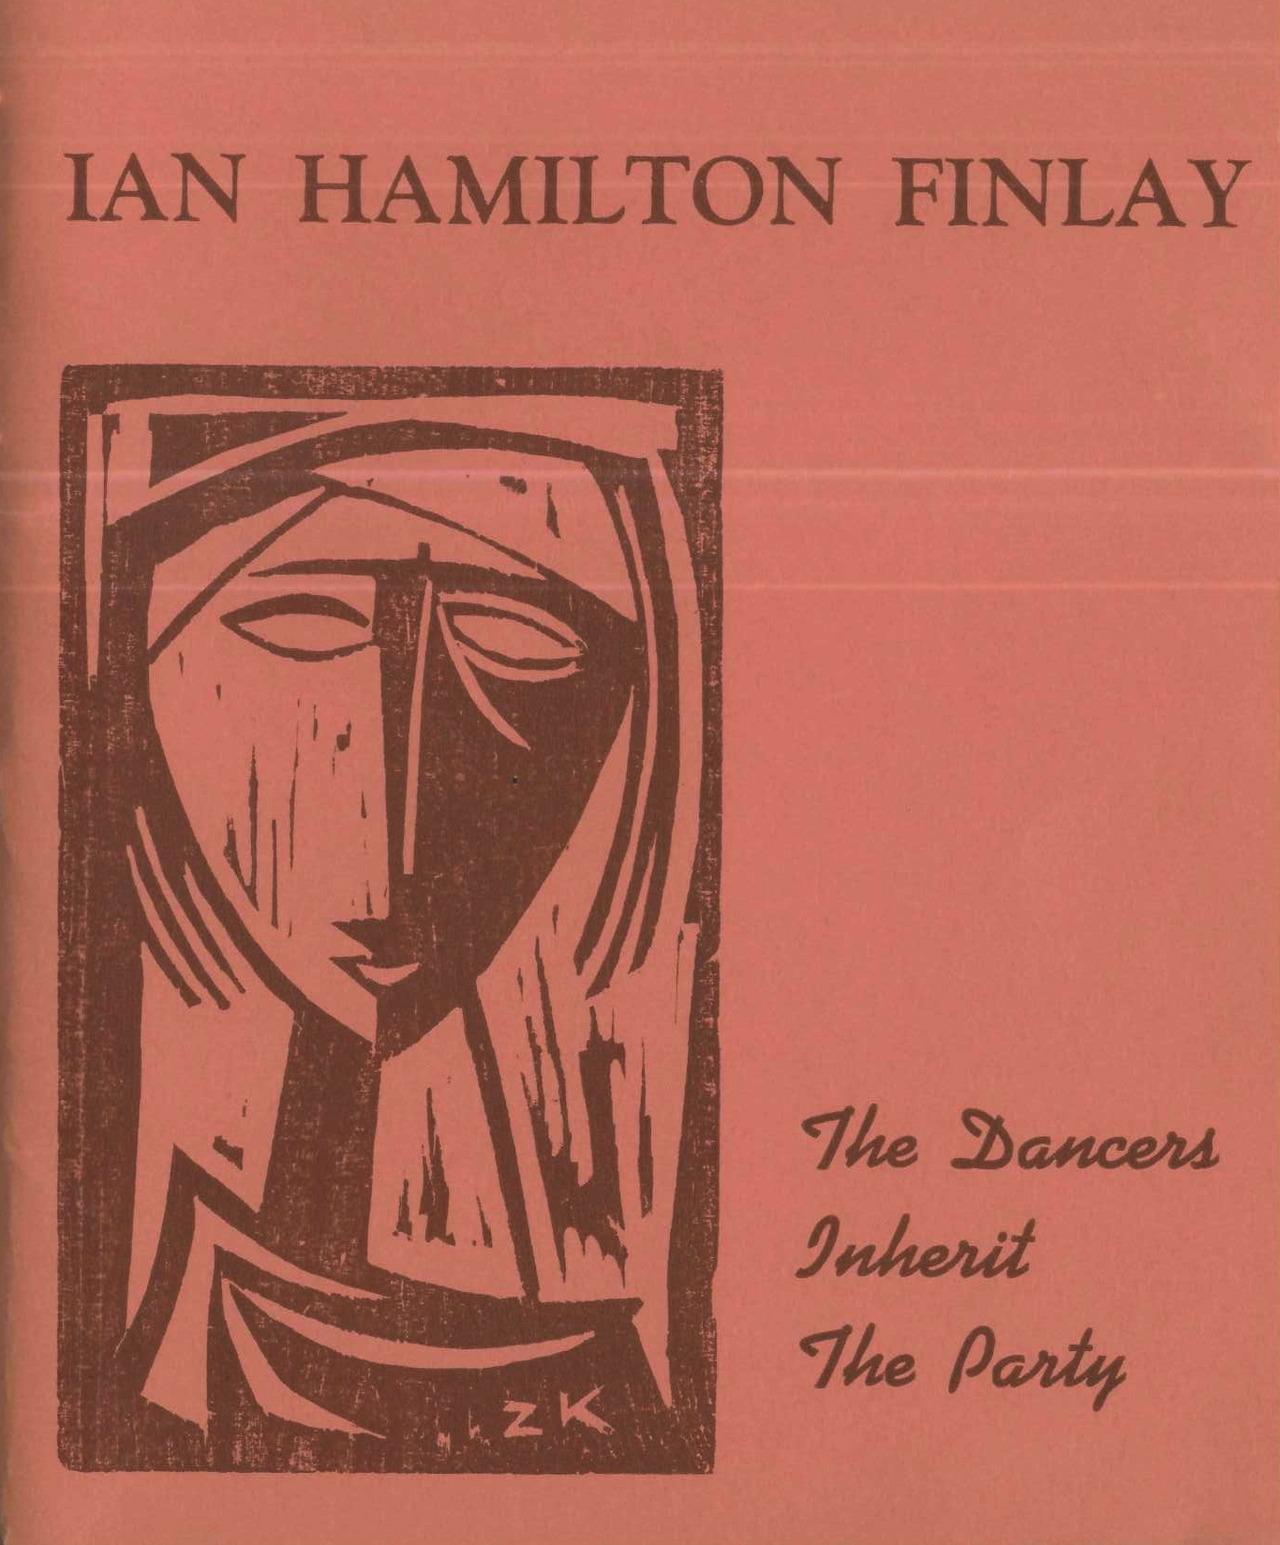 Ian Hamilton Finlay's quote #3